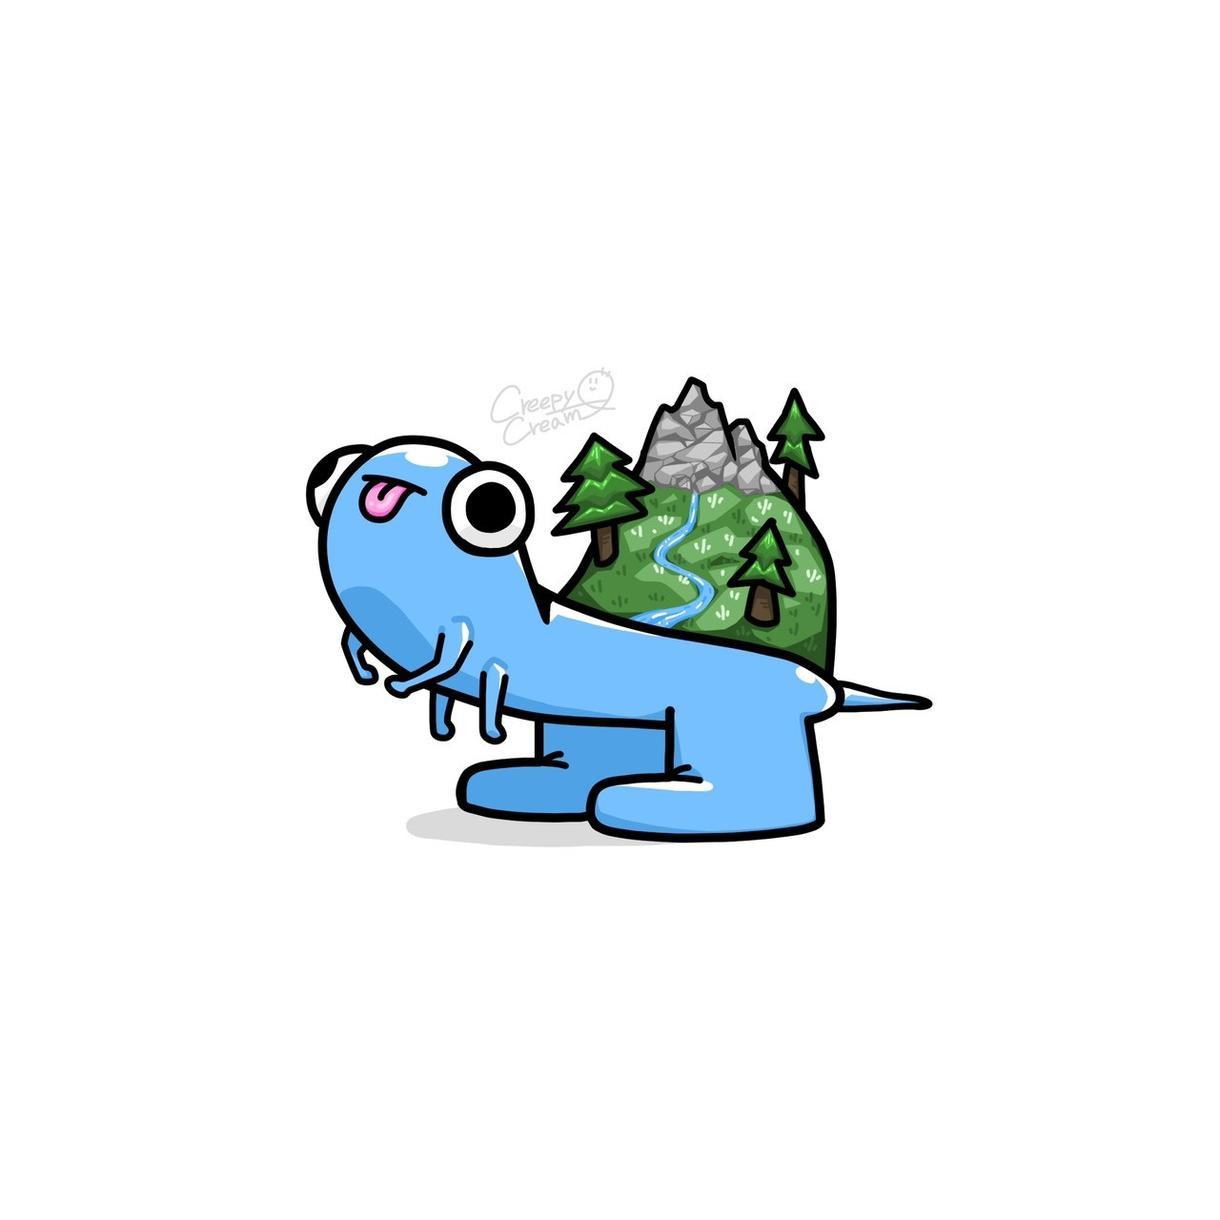 ポップでキモかわいいキャラクターを制作します 【商用OK】あなただけのキモかわいいキャラクターを描きます! イメージ1